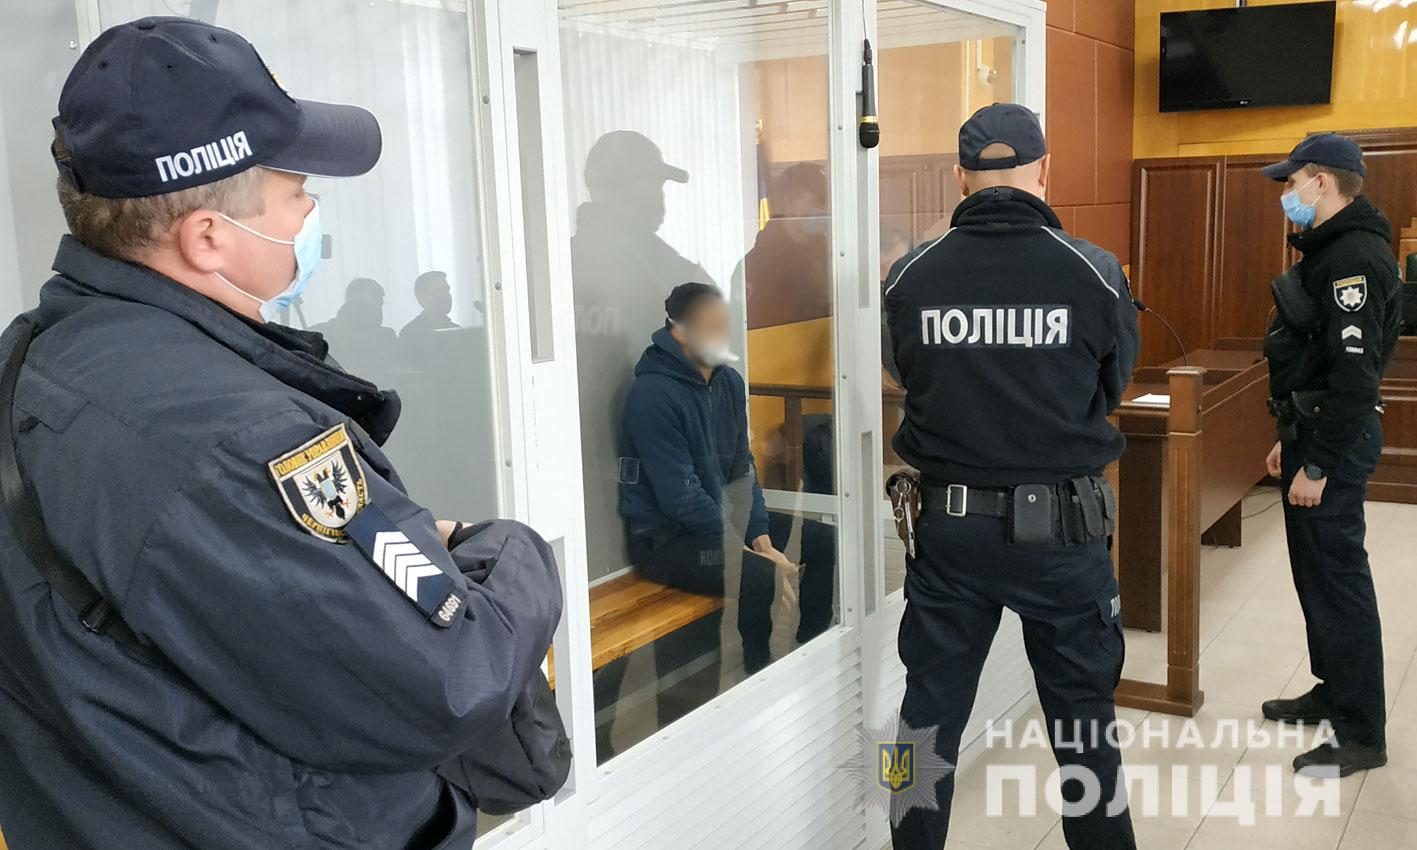 Суд взяв під варту всіх підозрюваних у вбивстві поліцейського в Чернігові. ФОТО